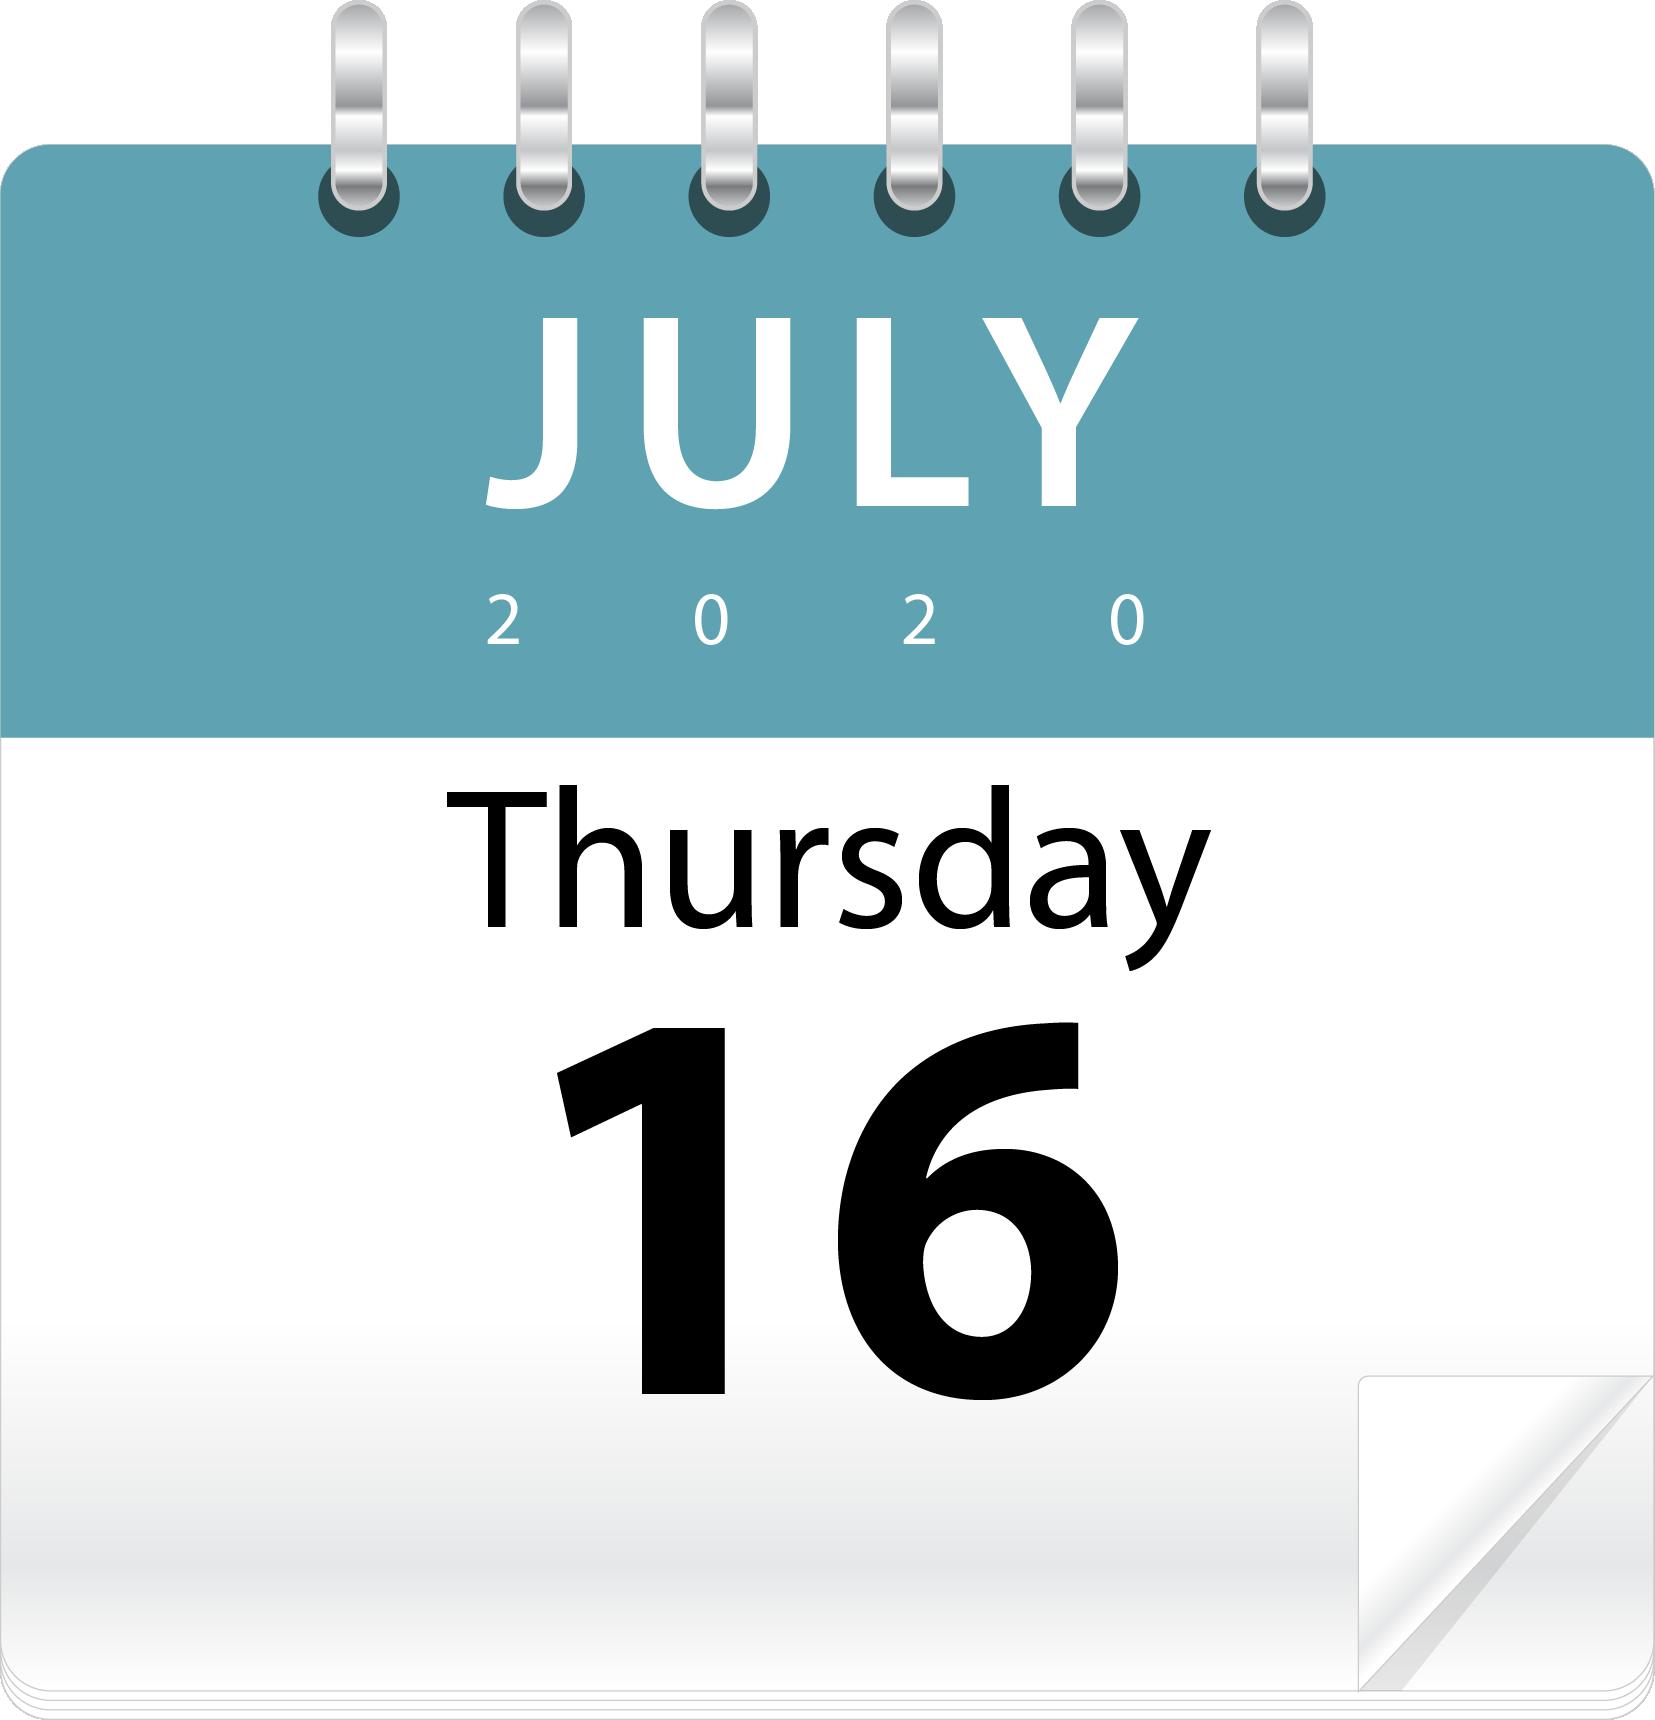 Thu July 16